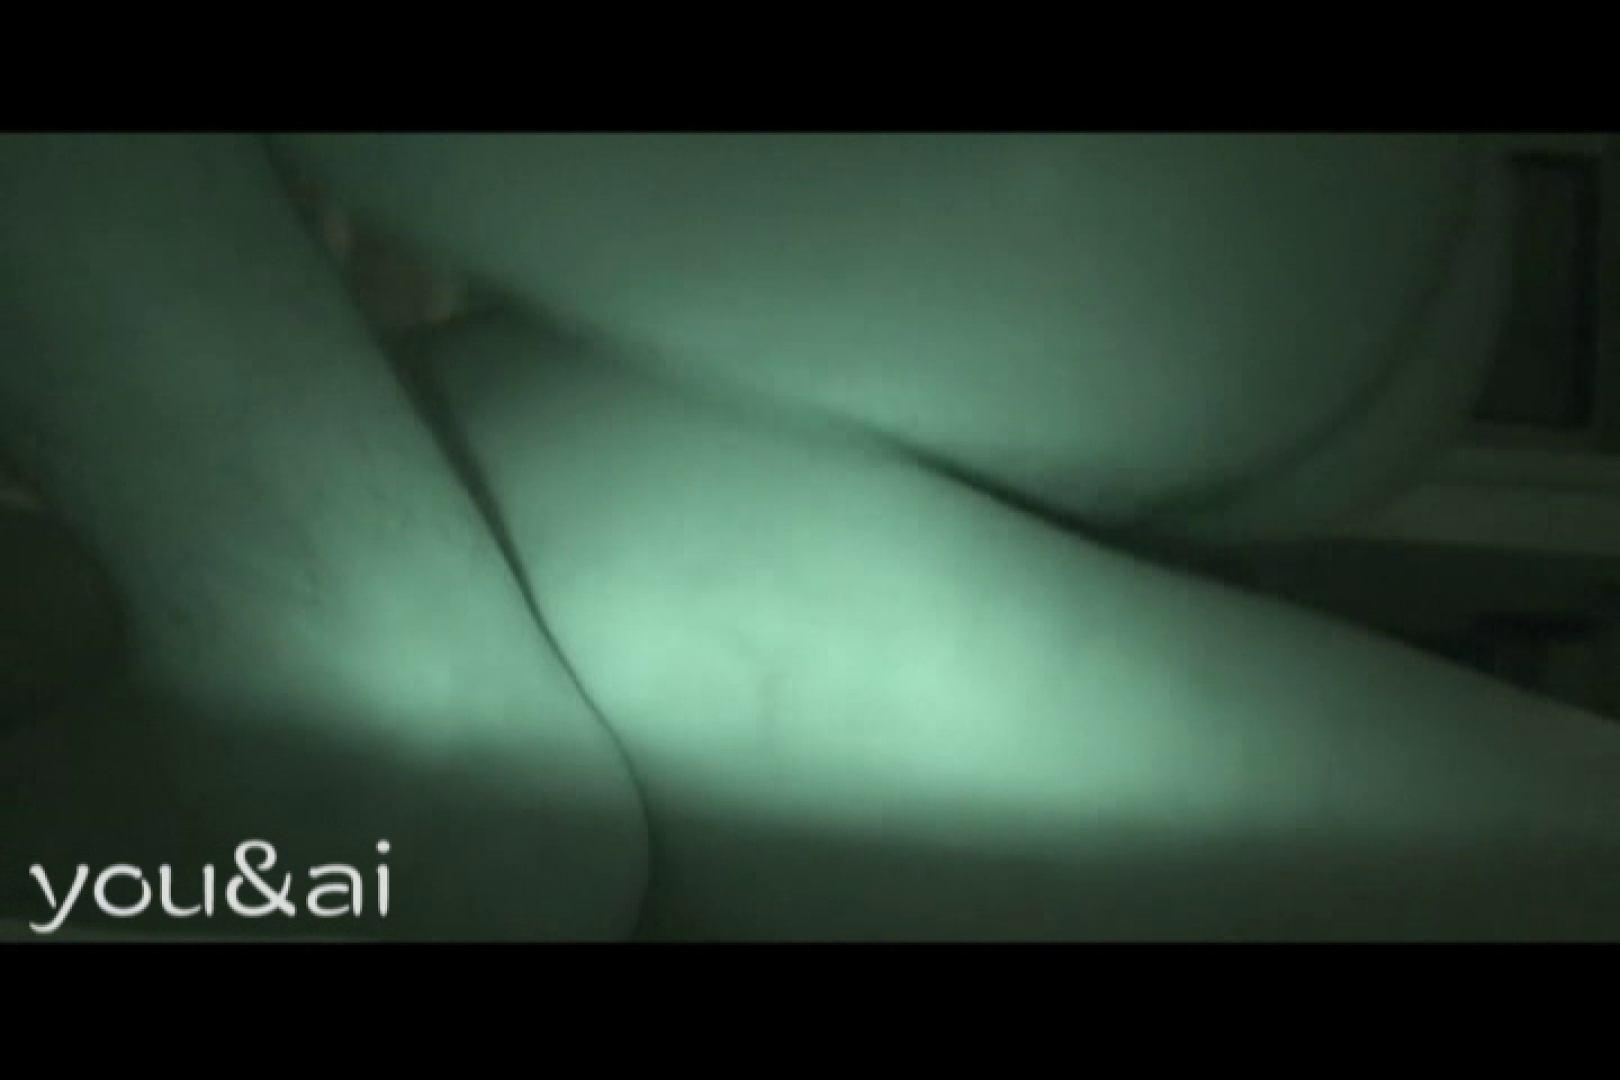 おしどり夫婦のyou&aiさん投稿作品vol.3 一般投稿 | 投稿映像  59pic 31